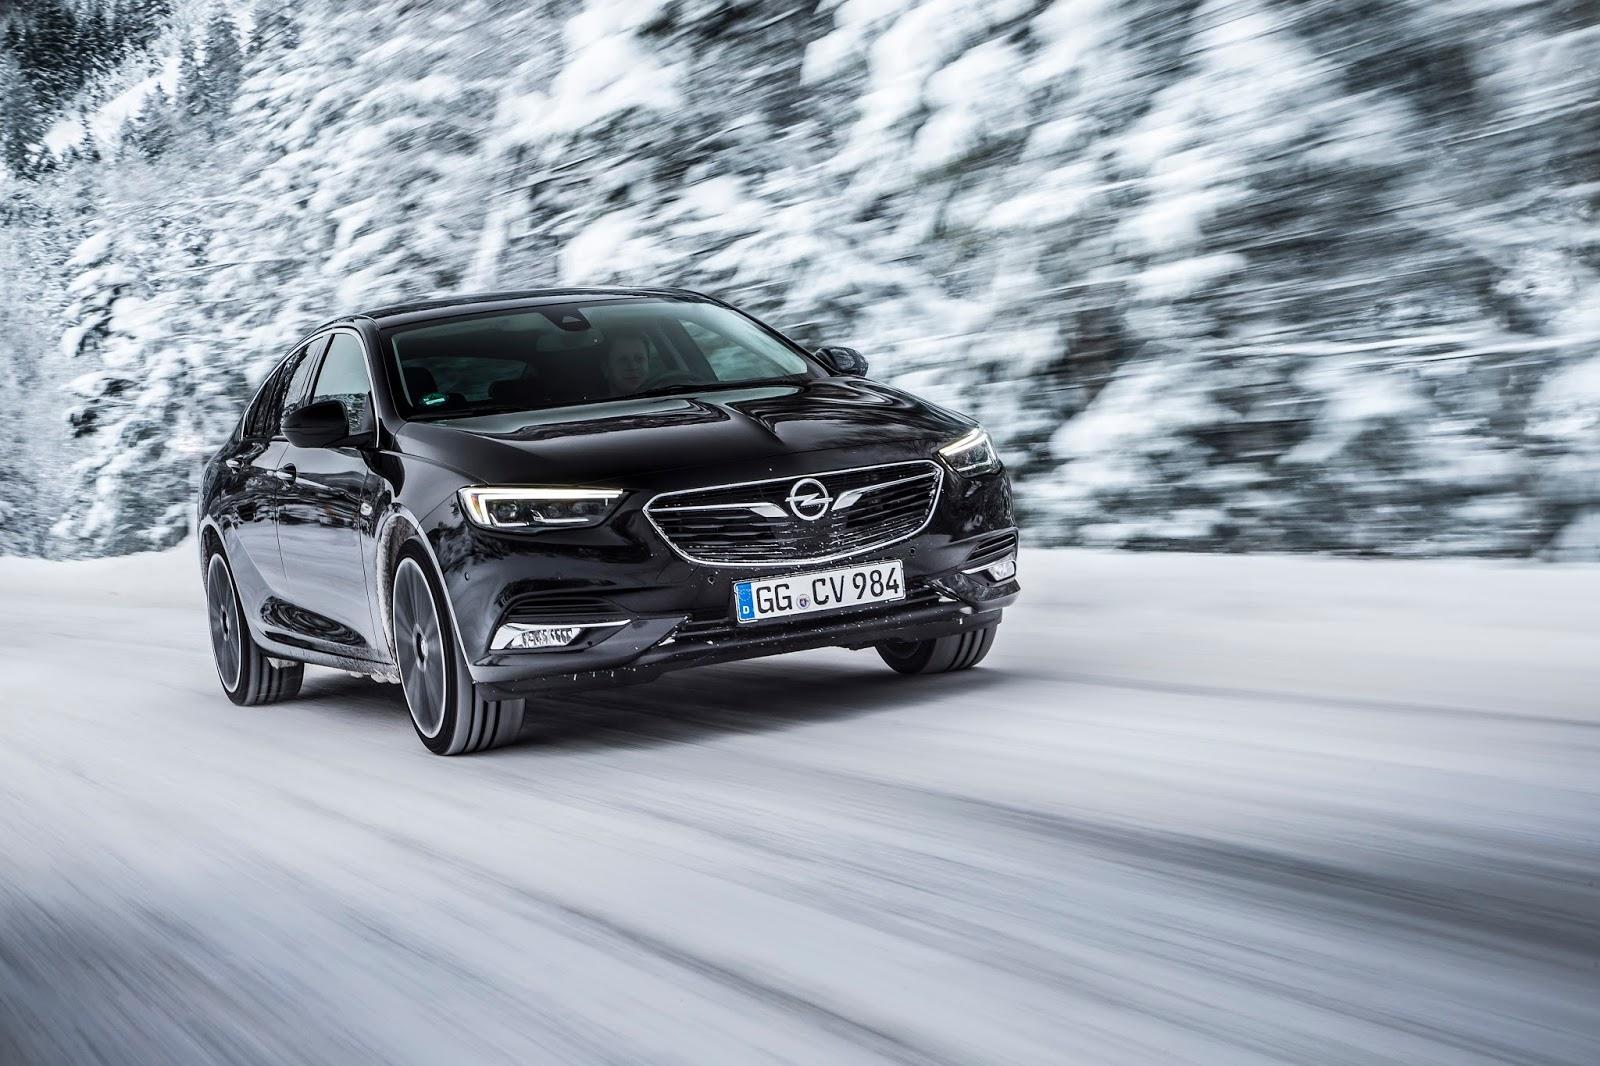 Τετρακίνηση με Τεχνολογία 'Torque Vectoring' που κατανέμει τη ροπή στους 2 πίσω τροχούς ή σε κάθε ένα ξεχωριστά για το Νέο Opel Insignia!